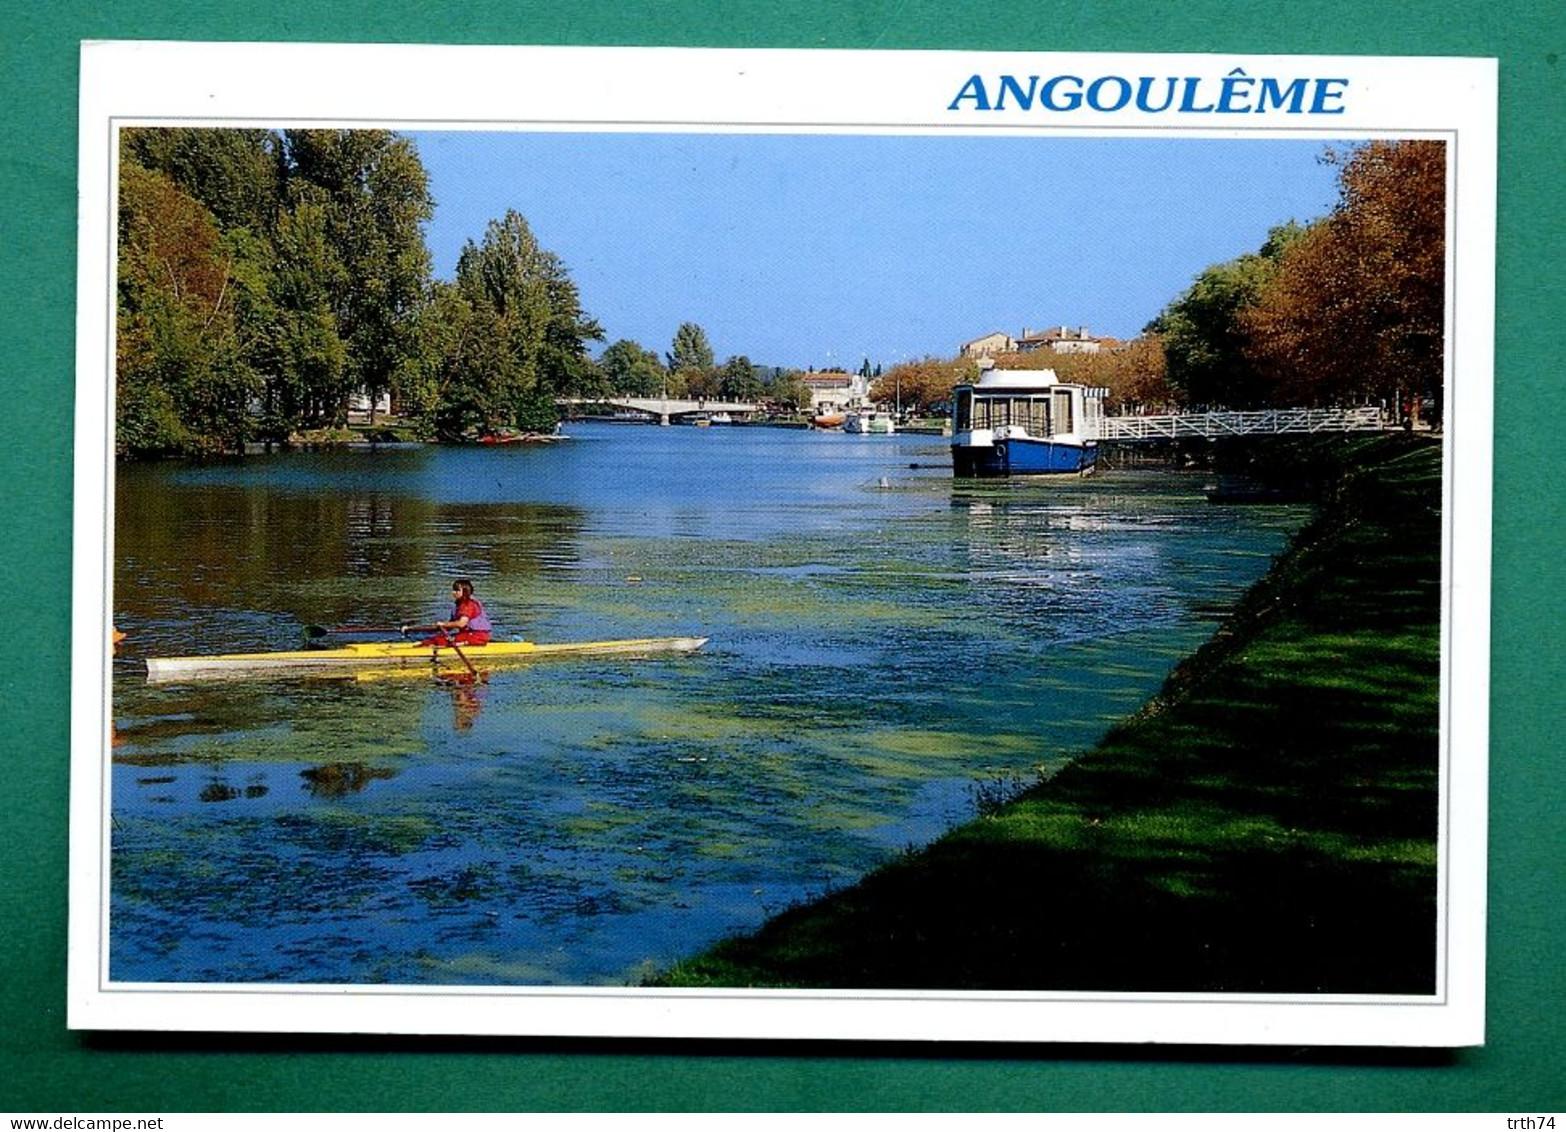 16 Angouleme Les Bords De La Charente ( Aviron, Rameur, La Péniche, Bateaux, Port De L' Houmeau, Passerelle Bourgines ) - Angouleme